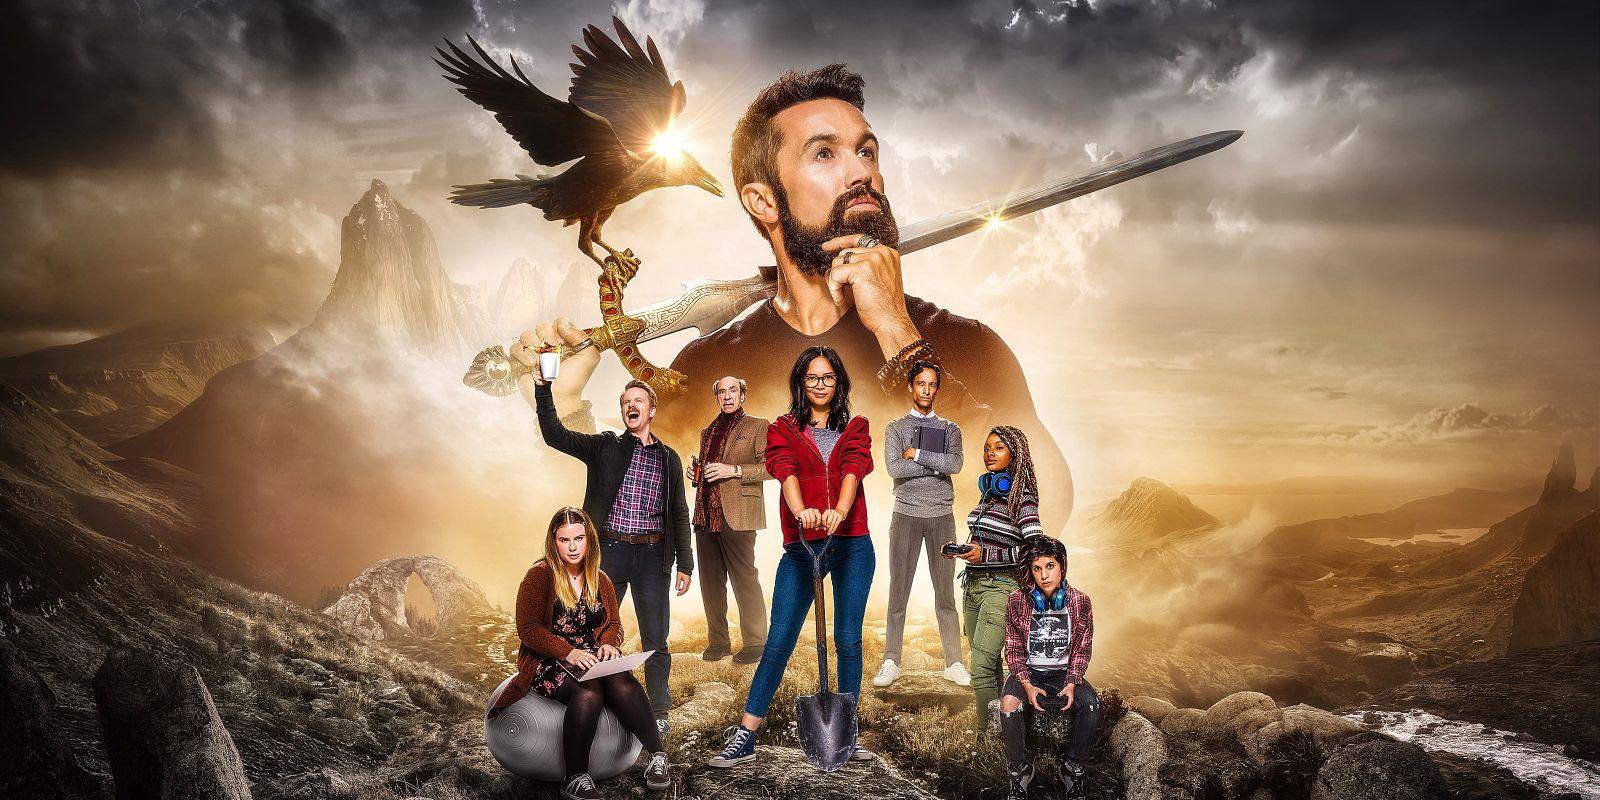 Mythic Quest возвращается: второй сезон стартует7 мая